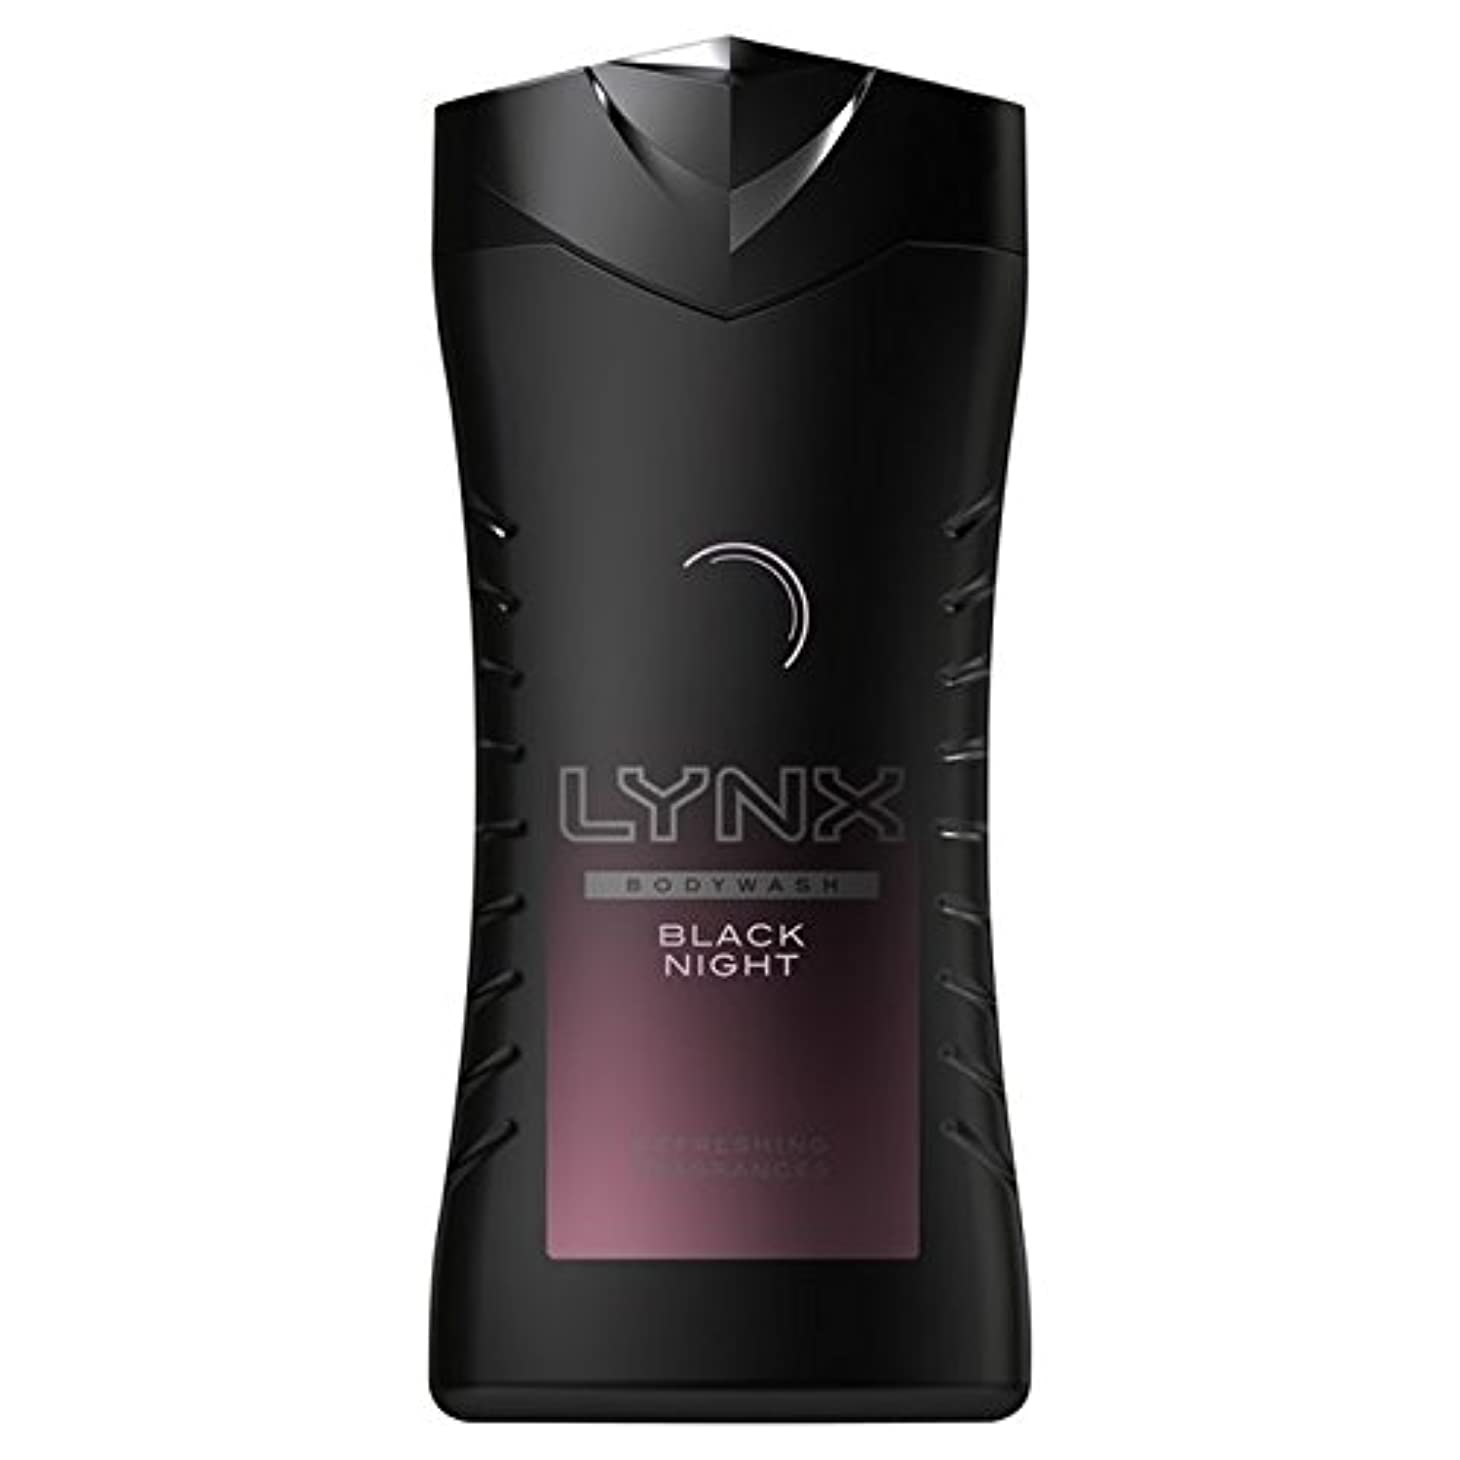 火山学者打撃音節Lynx Black Night Shower Gel 250ml - オオヤマネコ黒夜シャワージェル250ミリリットル [並行輸入品]